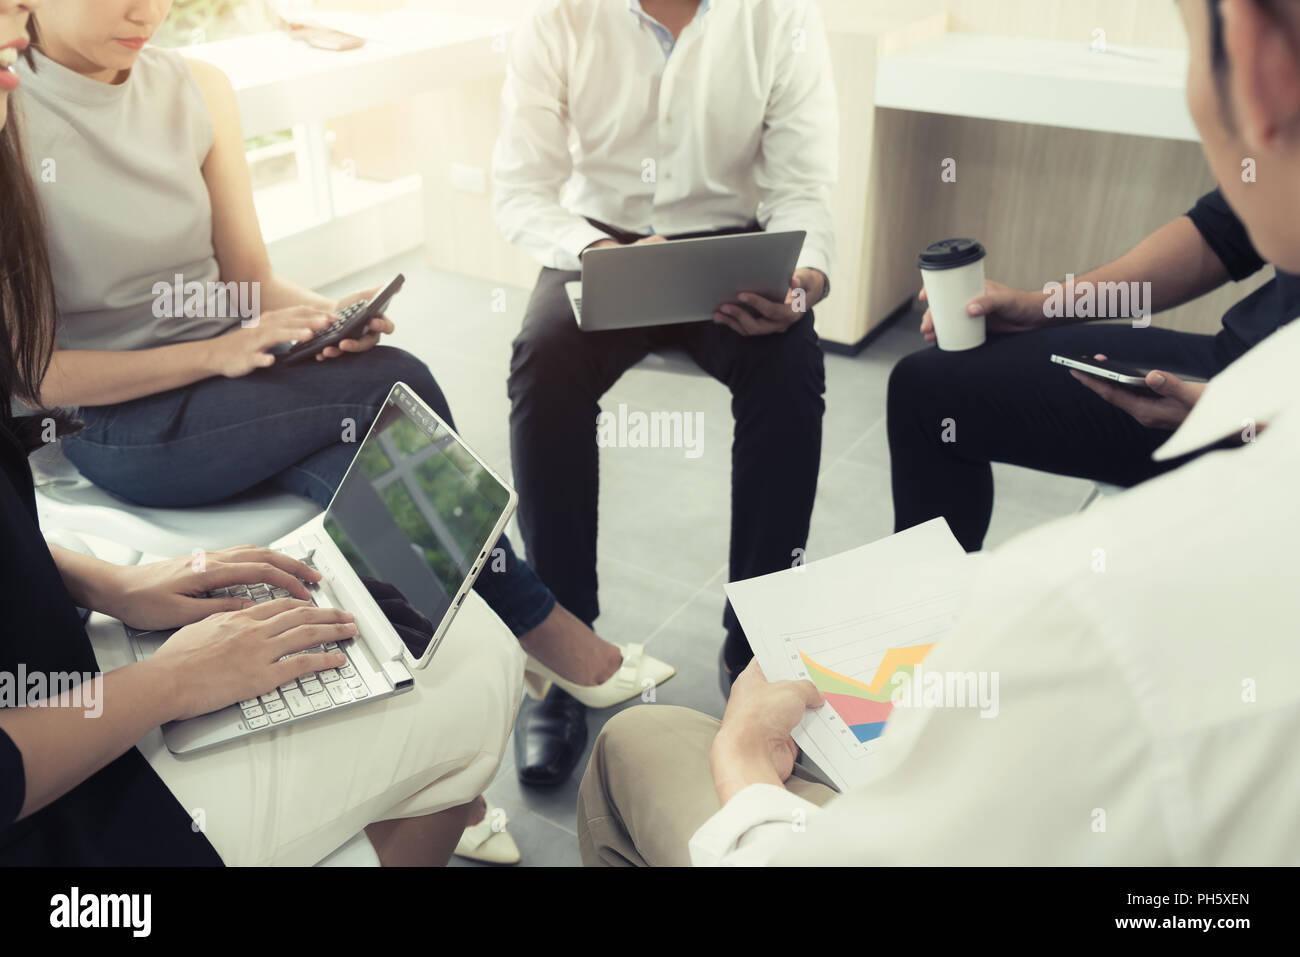 Business Casual persone incontro presso un ufficio moderno. Team aziende i colleghi la condivisione di report aziendali documento. Immagini Stock